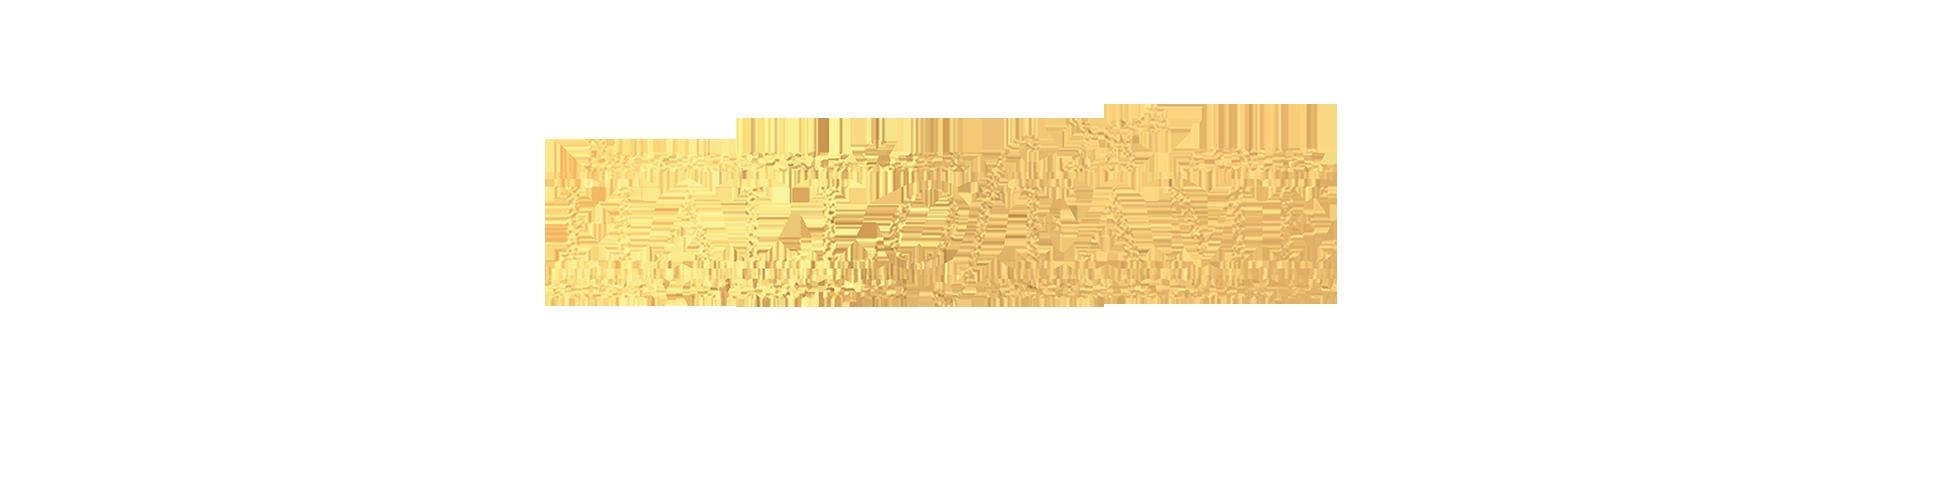 October 29, 2018     Ziegfeld Ballroom